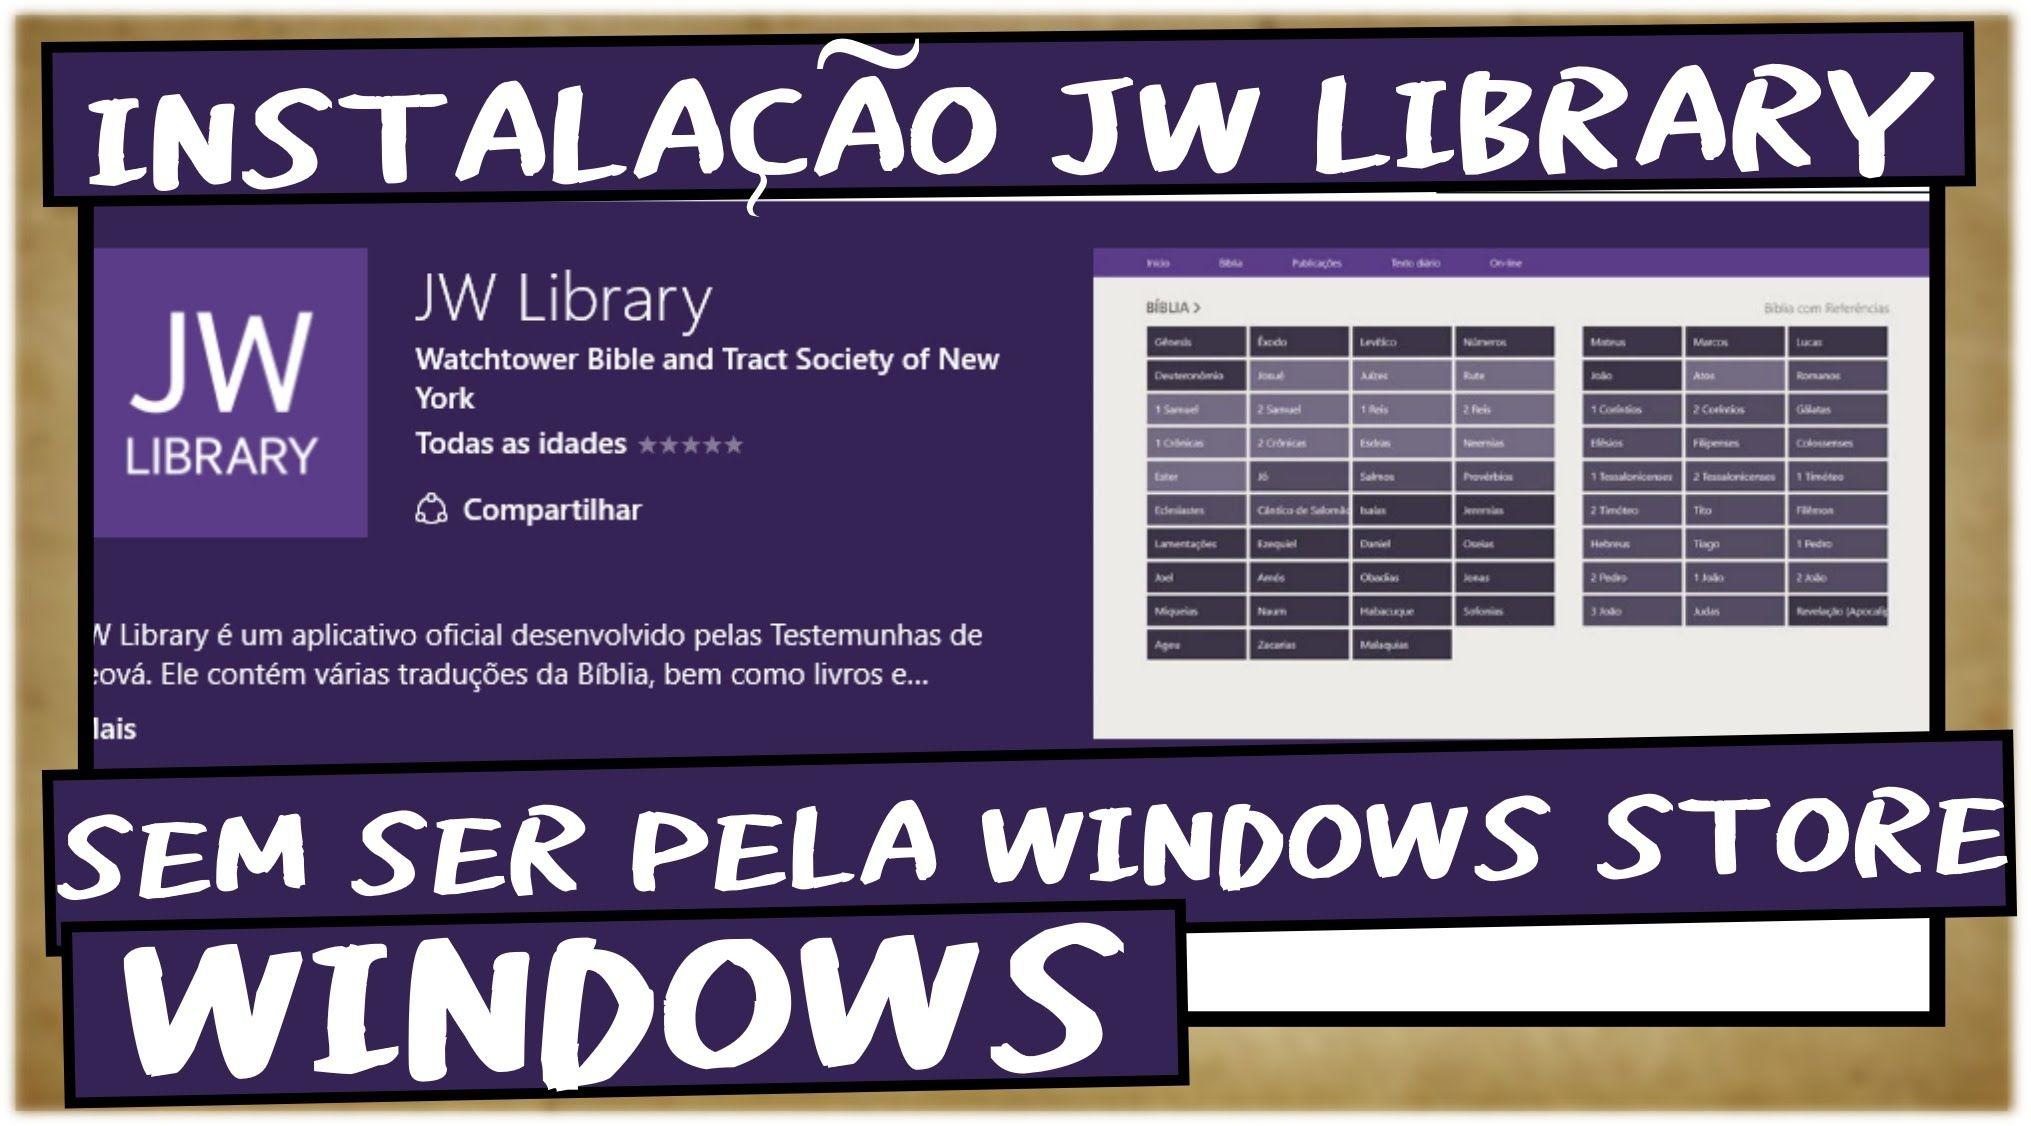 COMO INSTALAR O JW LIBRARY NO WINDOWS SEM SER NA WINDOWS